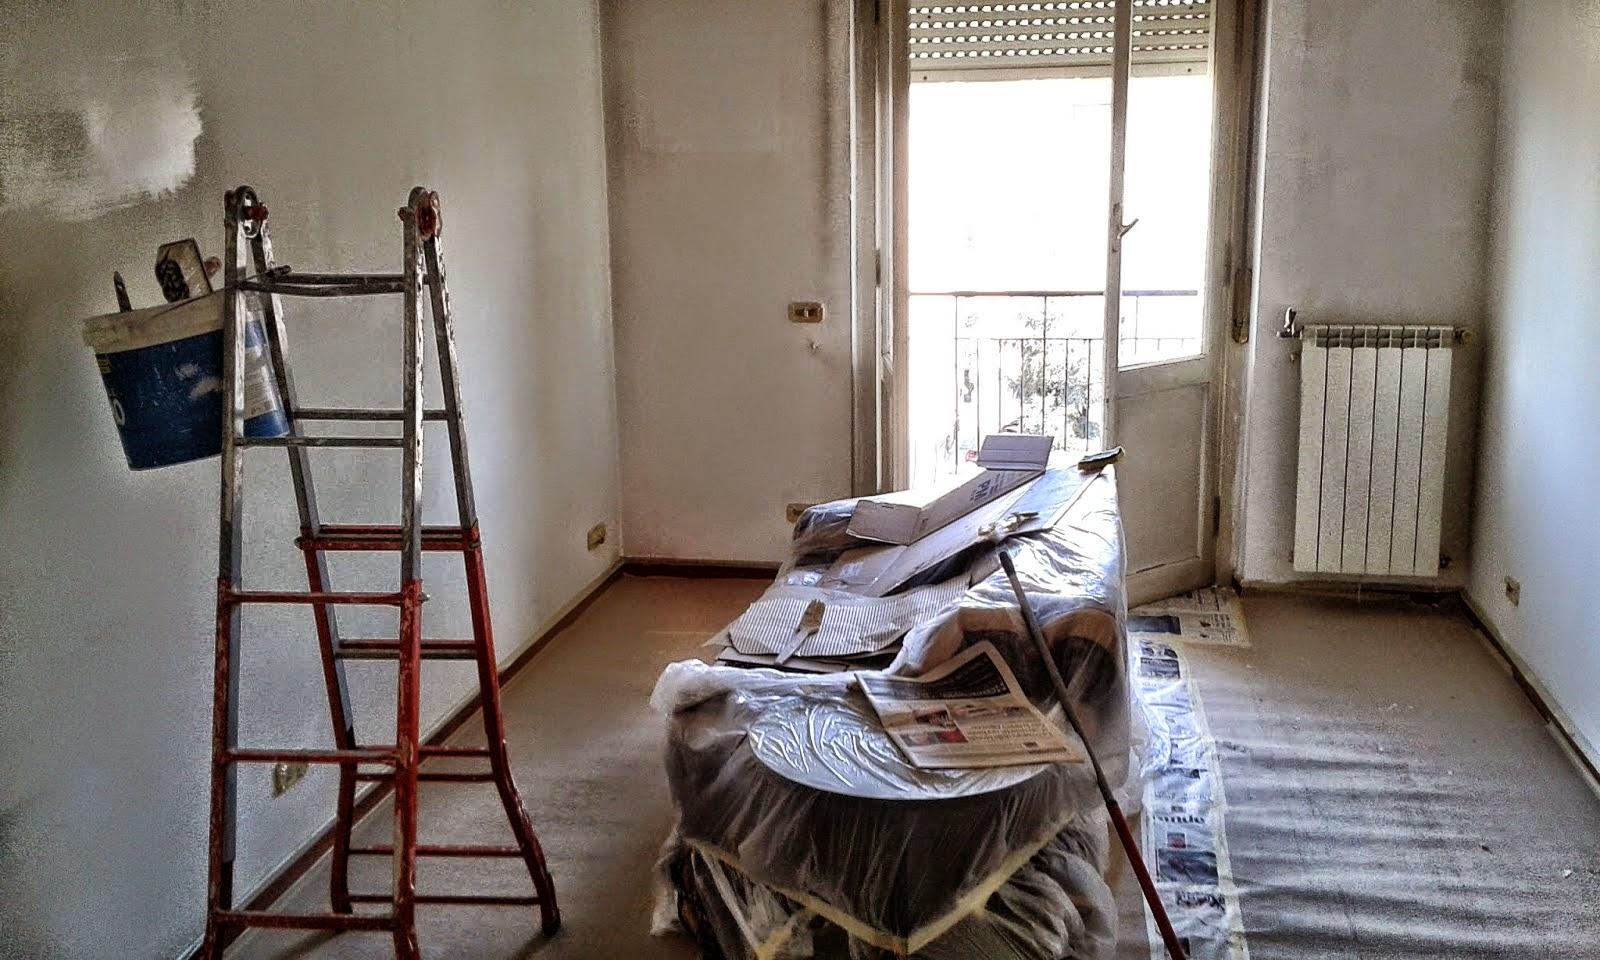 Costo imbianchino a roma per casa di 80 mq appartamento di - Costo impianto idraulico casa 100 mq ...